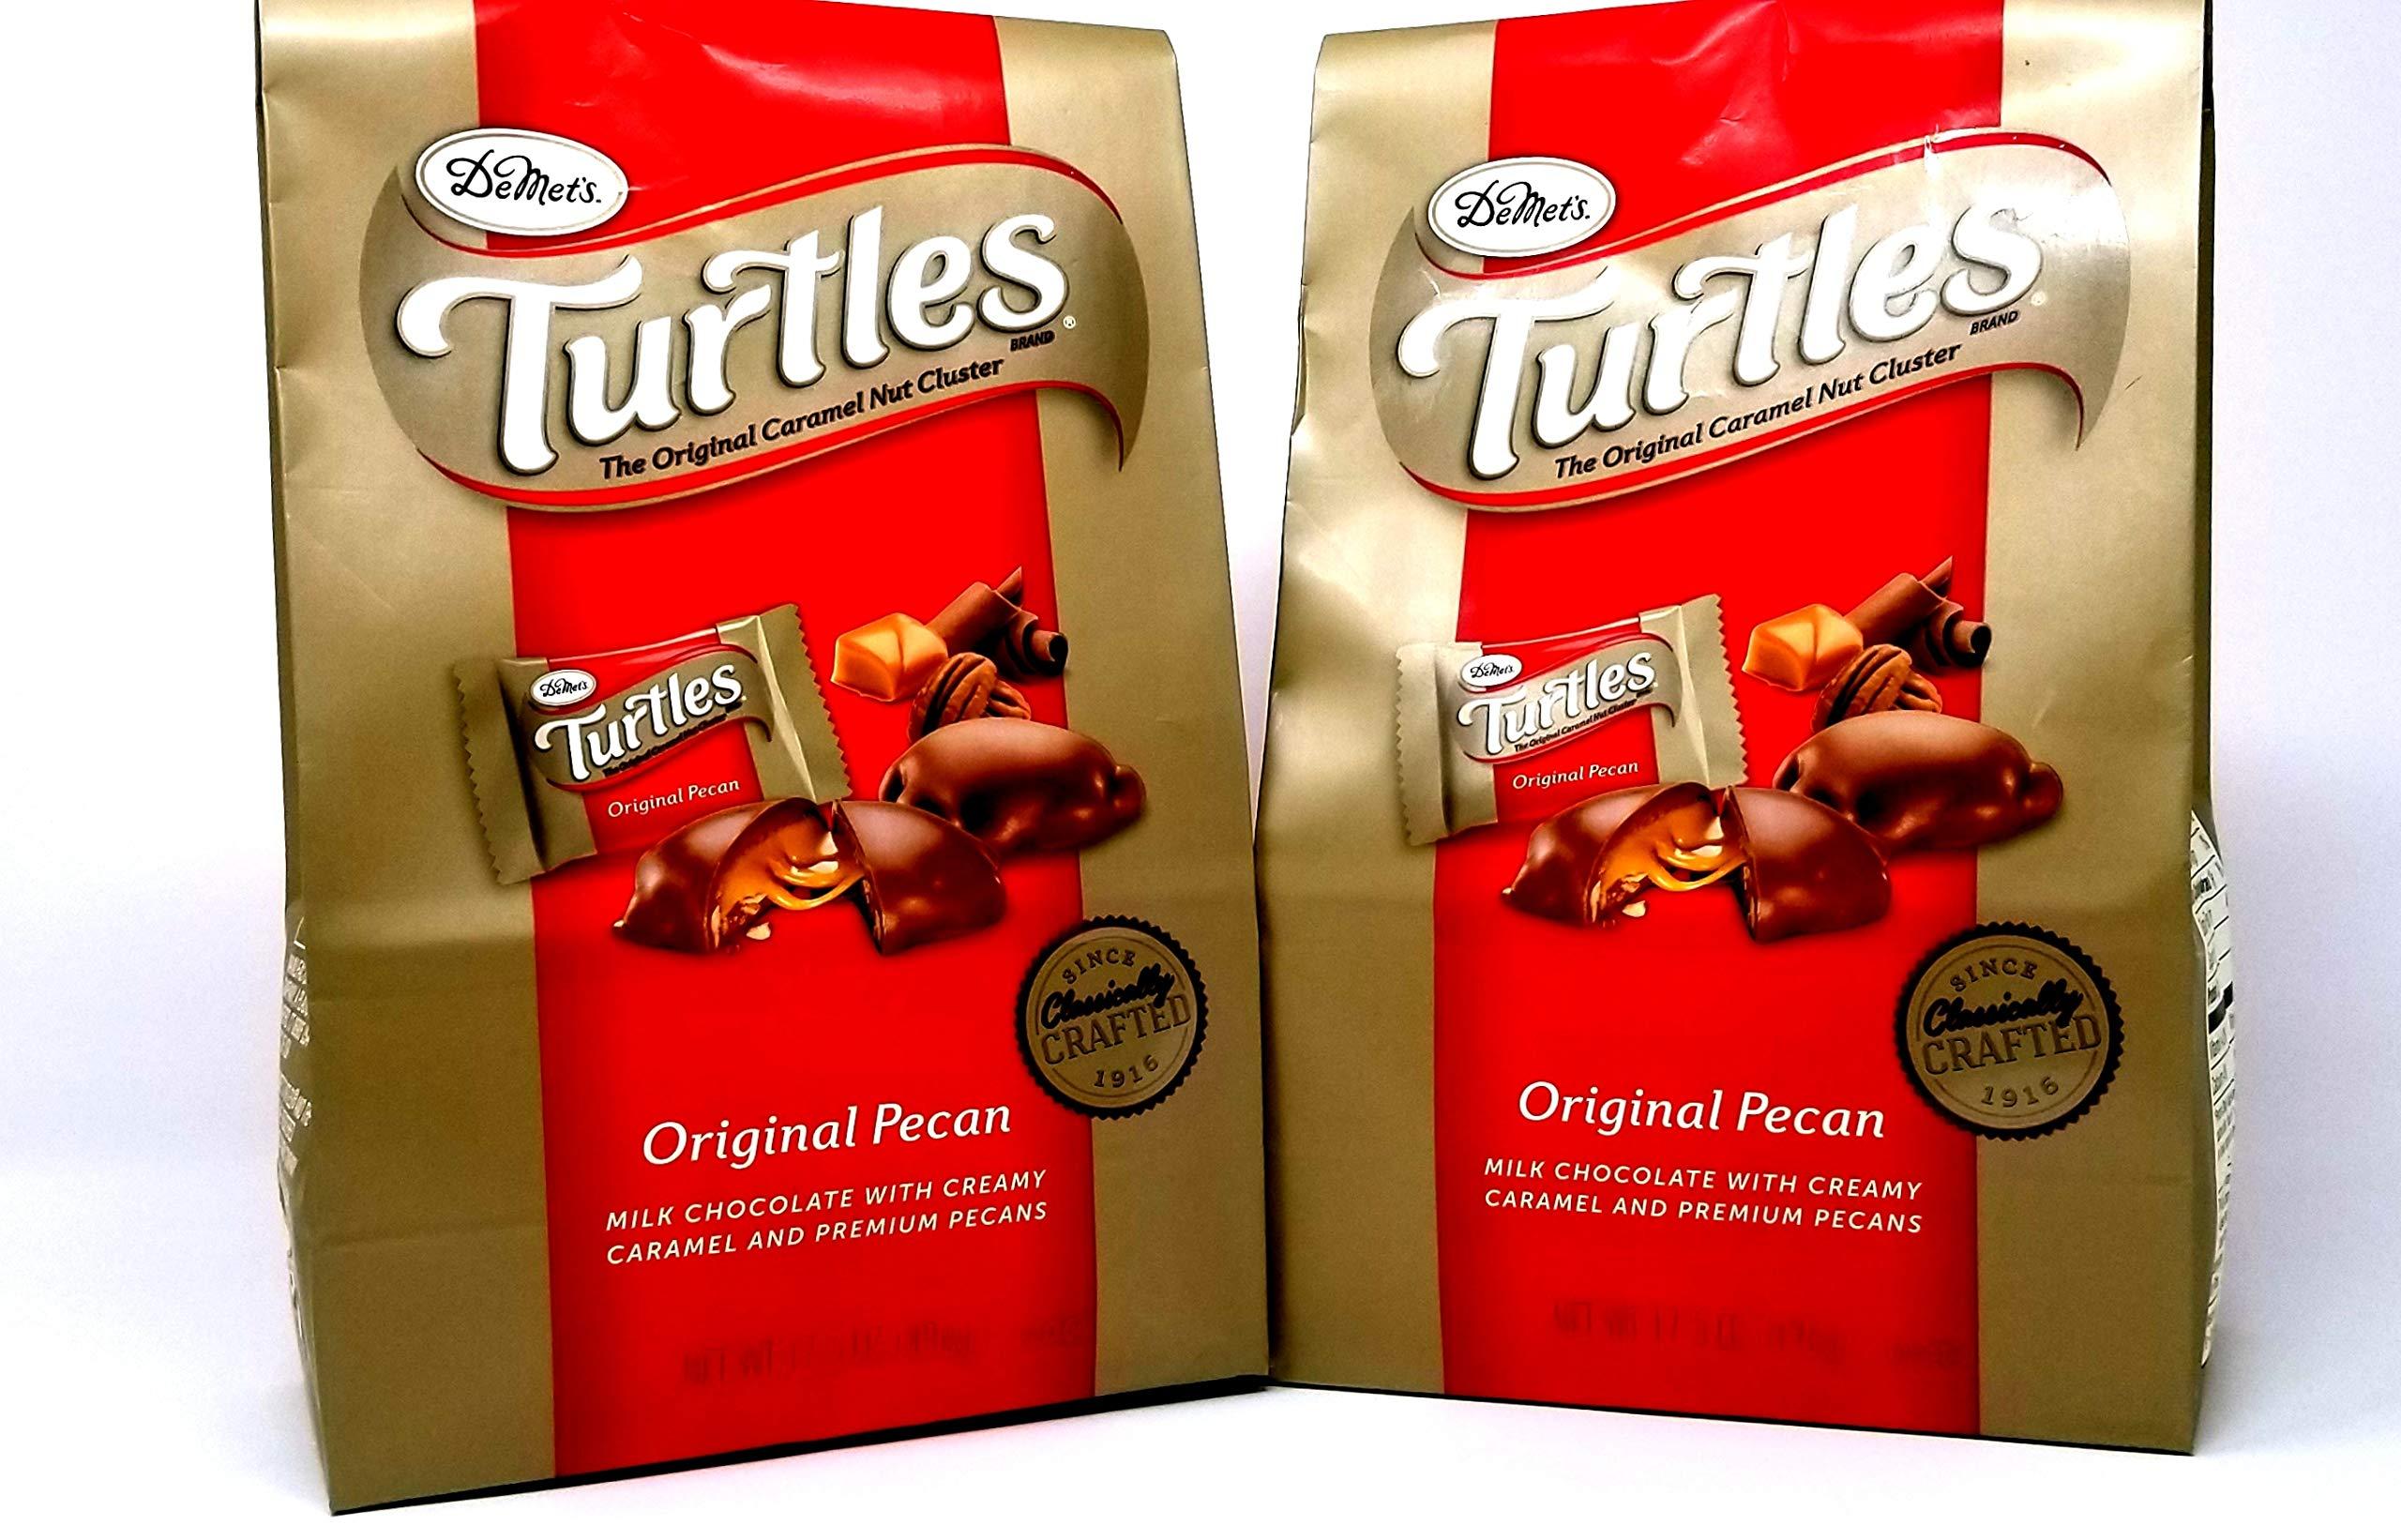 Demet's Original Turtles - Pecan, Chocolate, and Caramel 35 oz Value Pack (2 x 17.5 oz Bags) (2 Pack) by Demet's Turtles